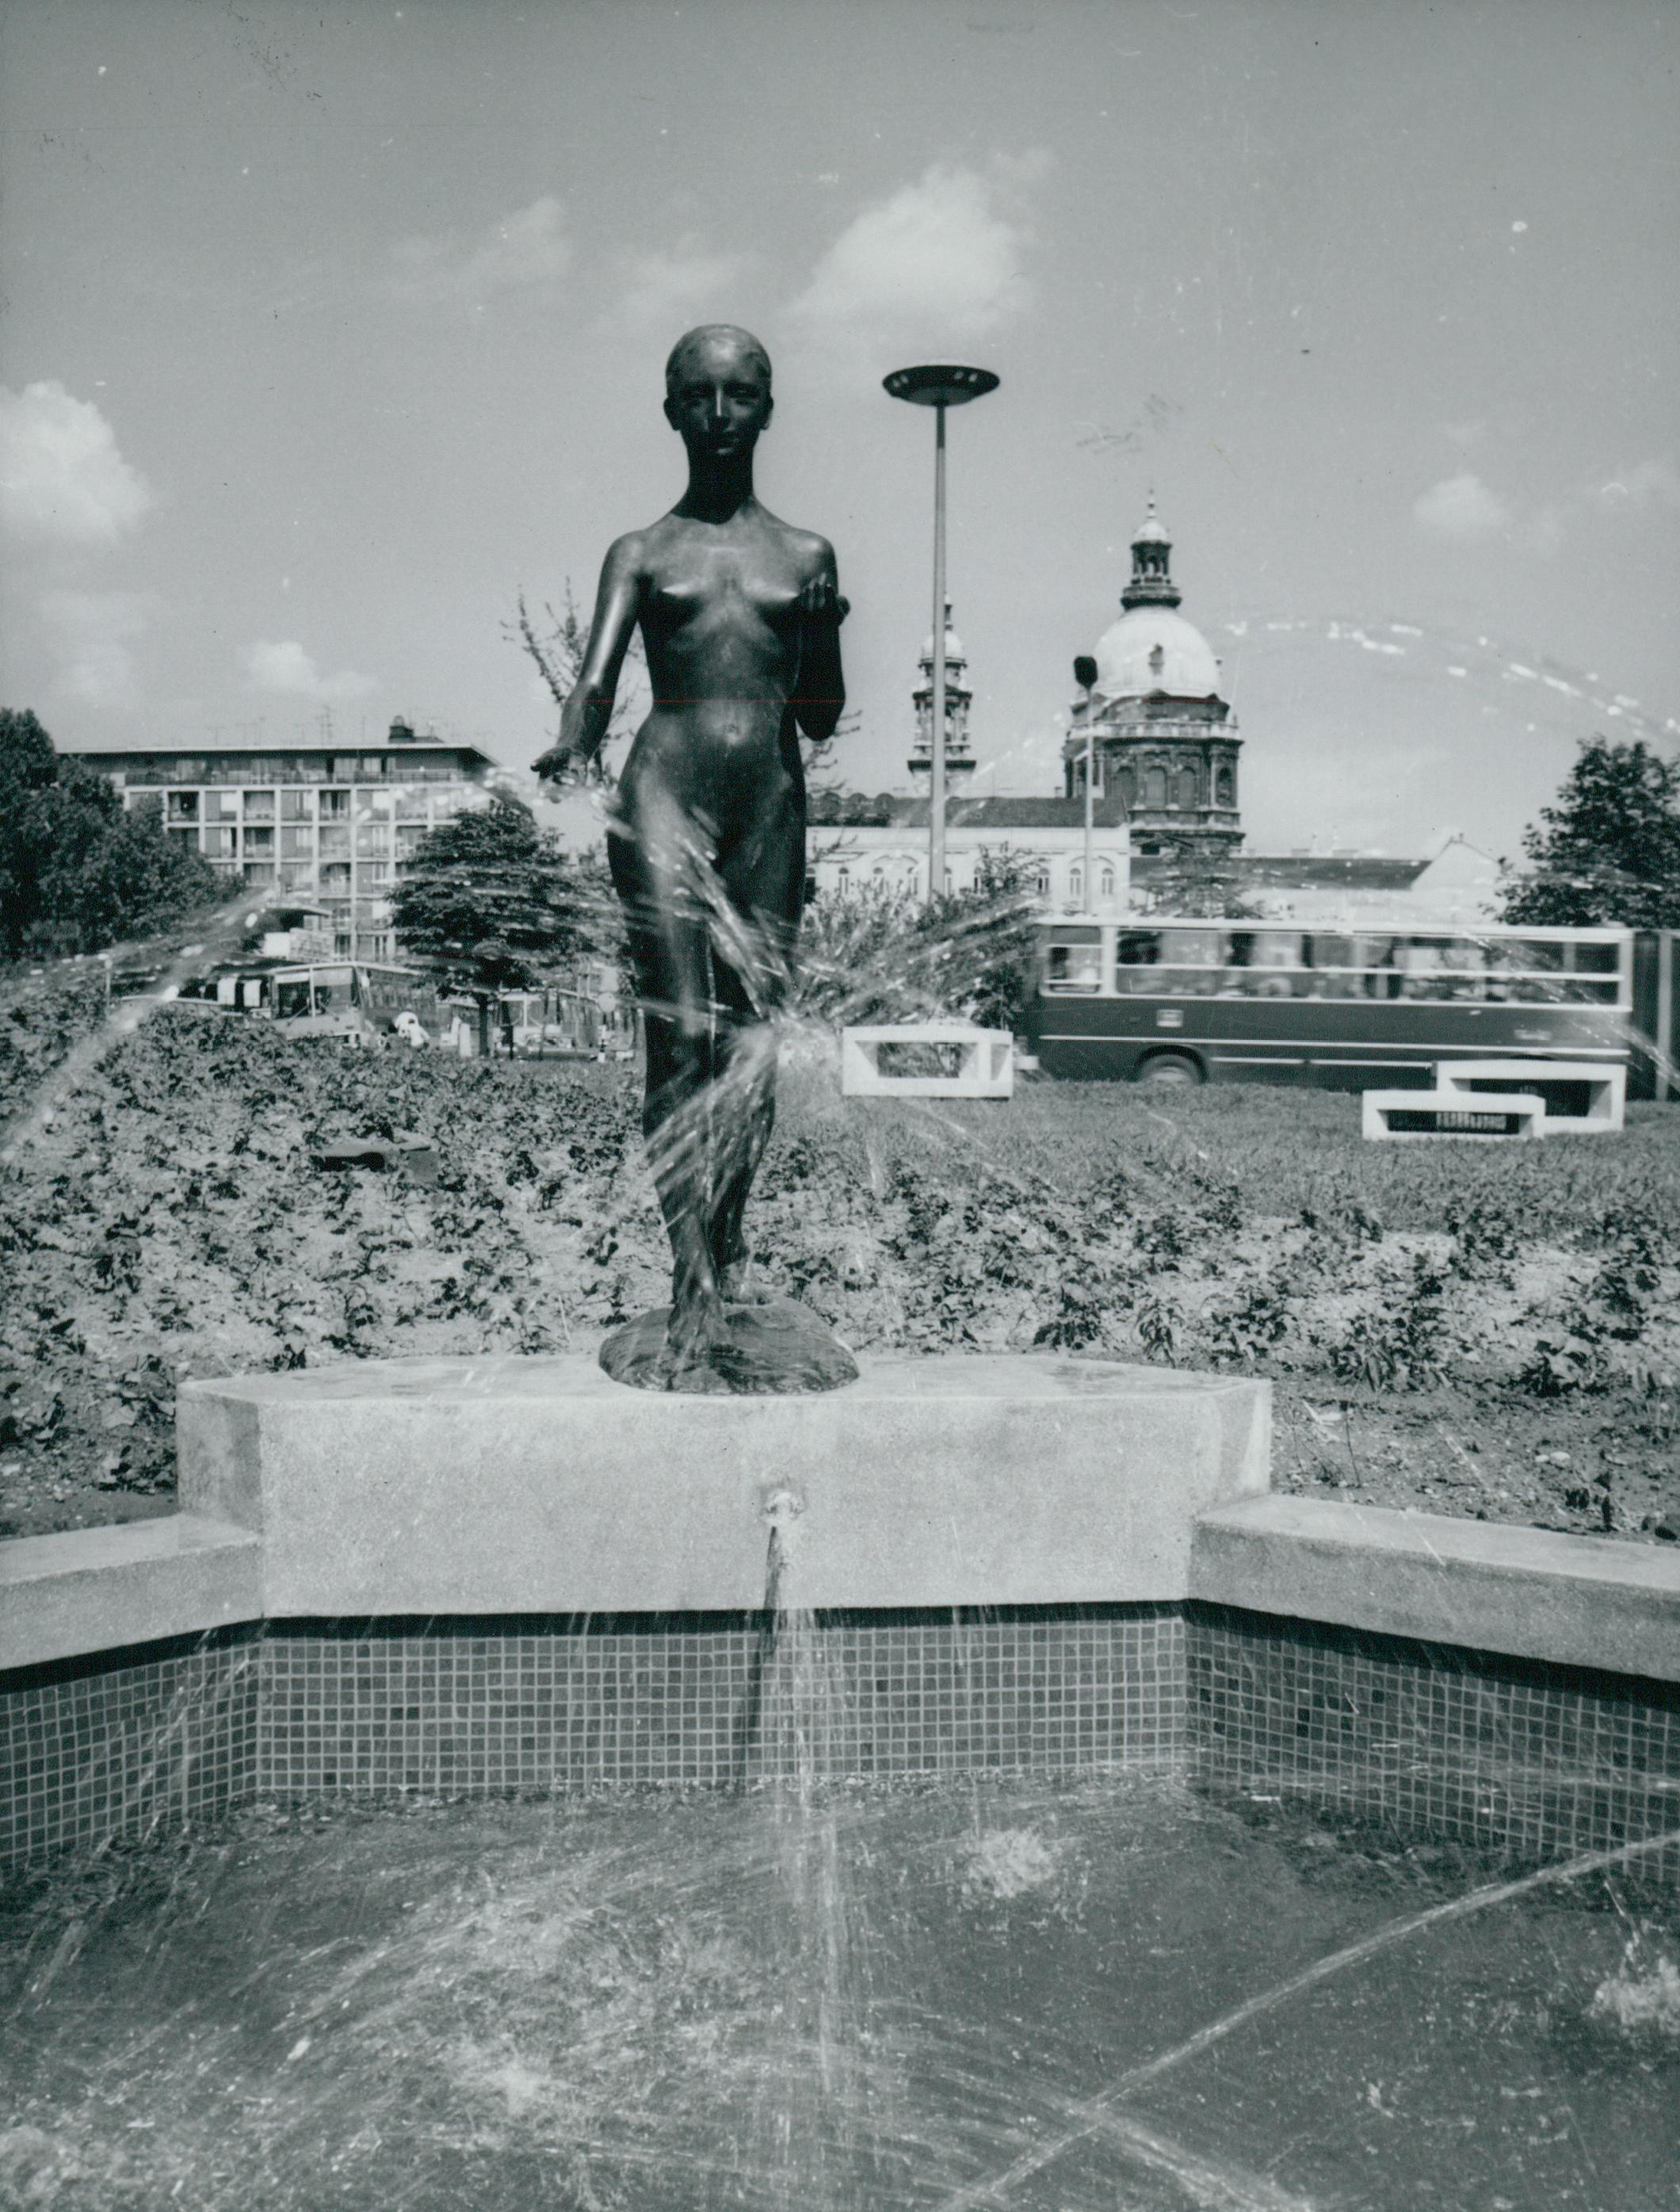 Csikász Imre Tavasz című szobra a Deák Ferenc téren